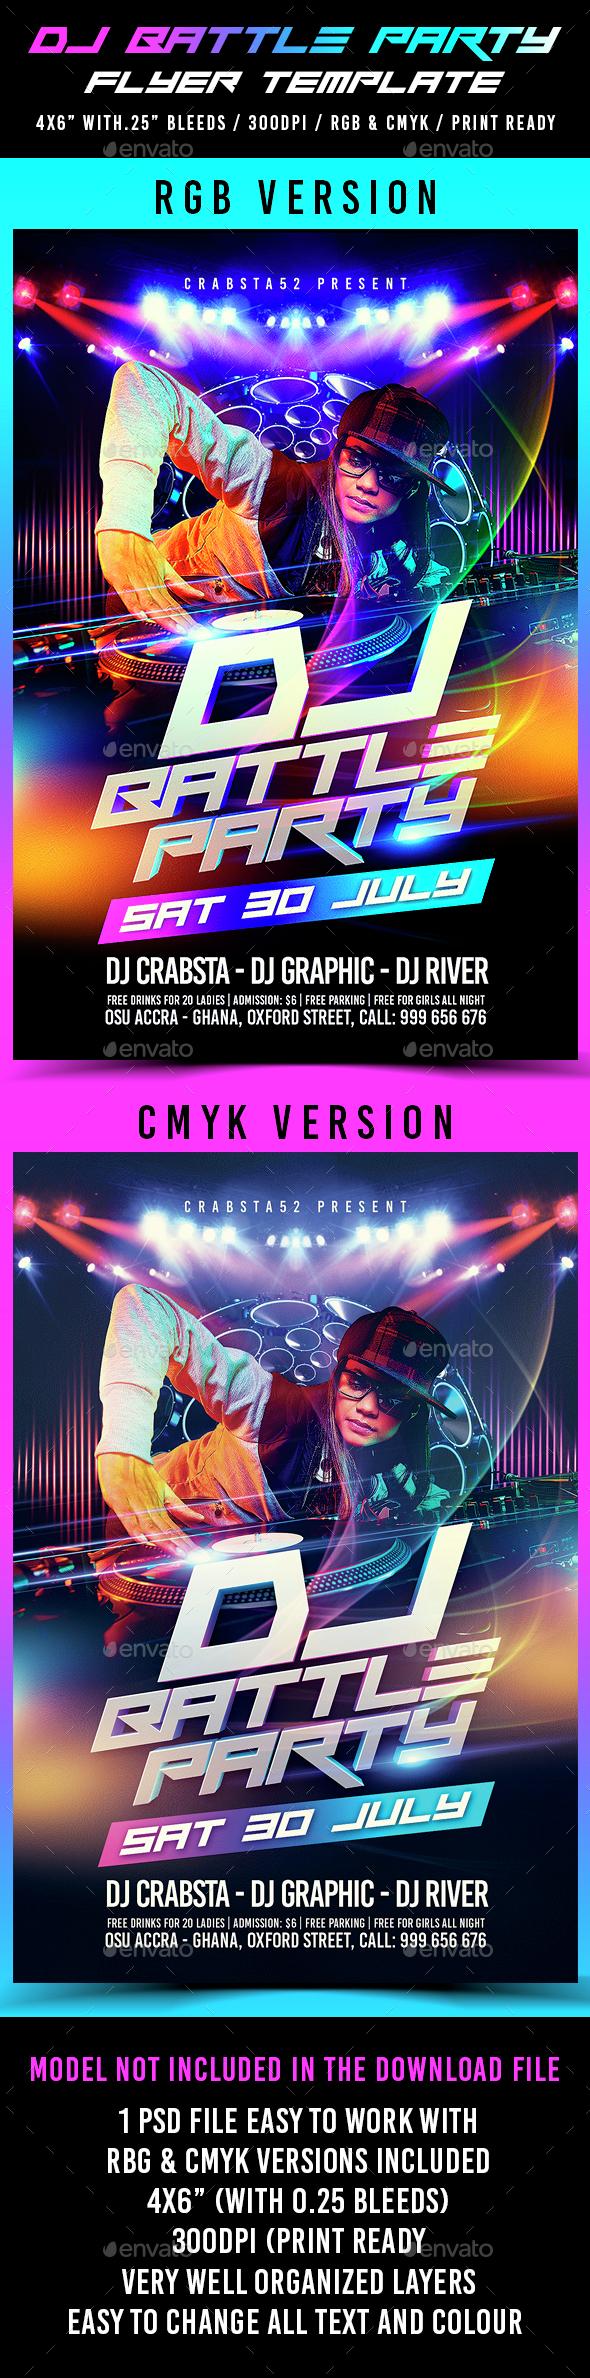 DJ Battle Party Flyer Template - Flyers Print Templates